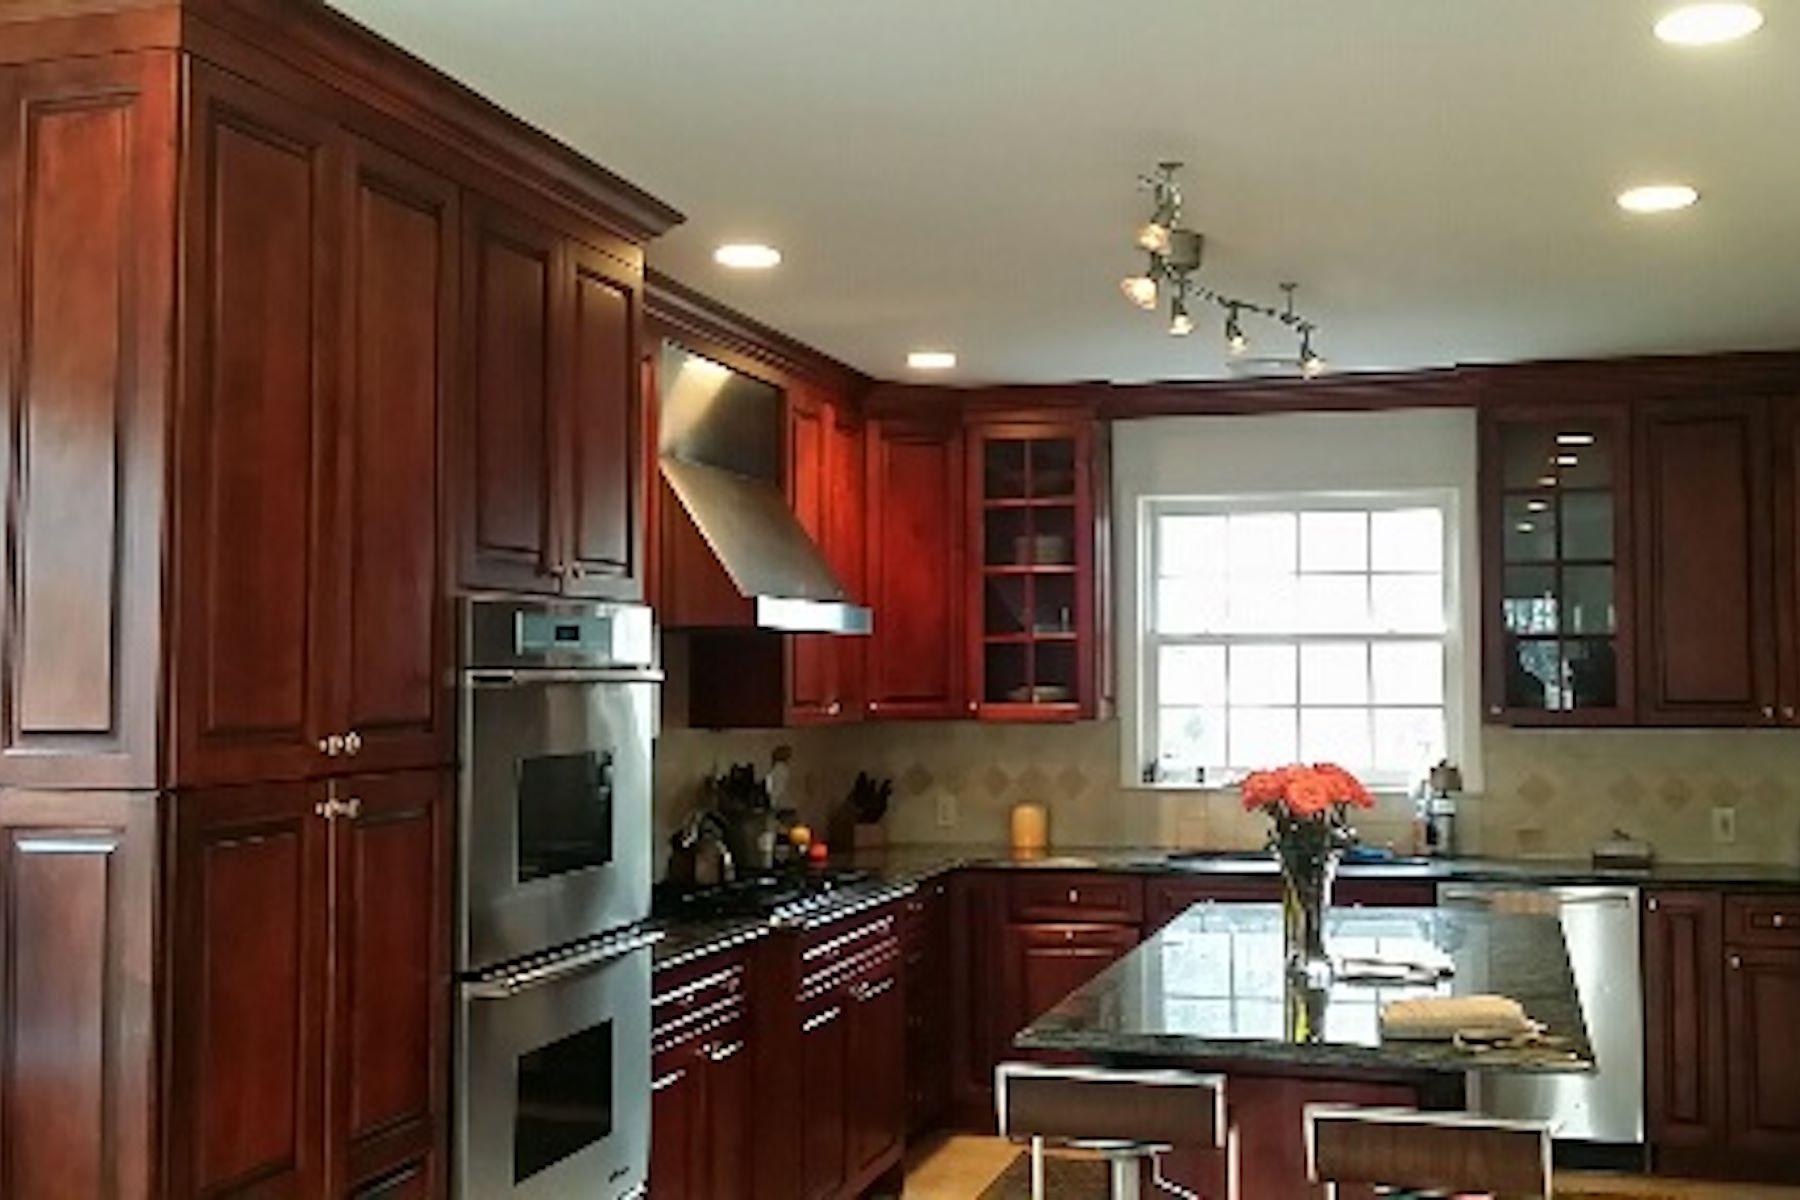 Single Family Home for Rent at 6 Hazen Street Pelham, New York 10803 United States